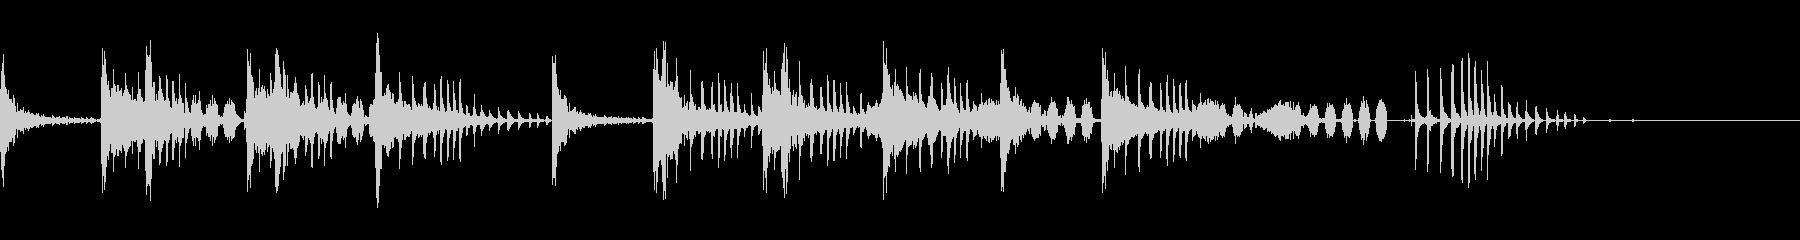 とんとん(派手な建設中の音)B09の未再生の波形